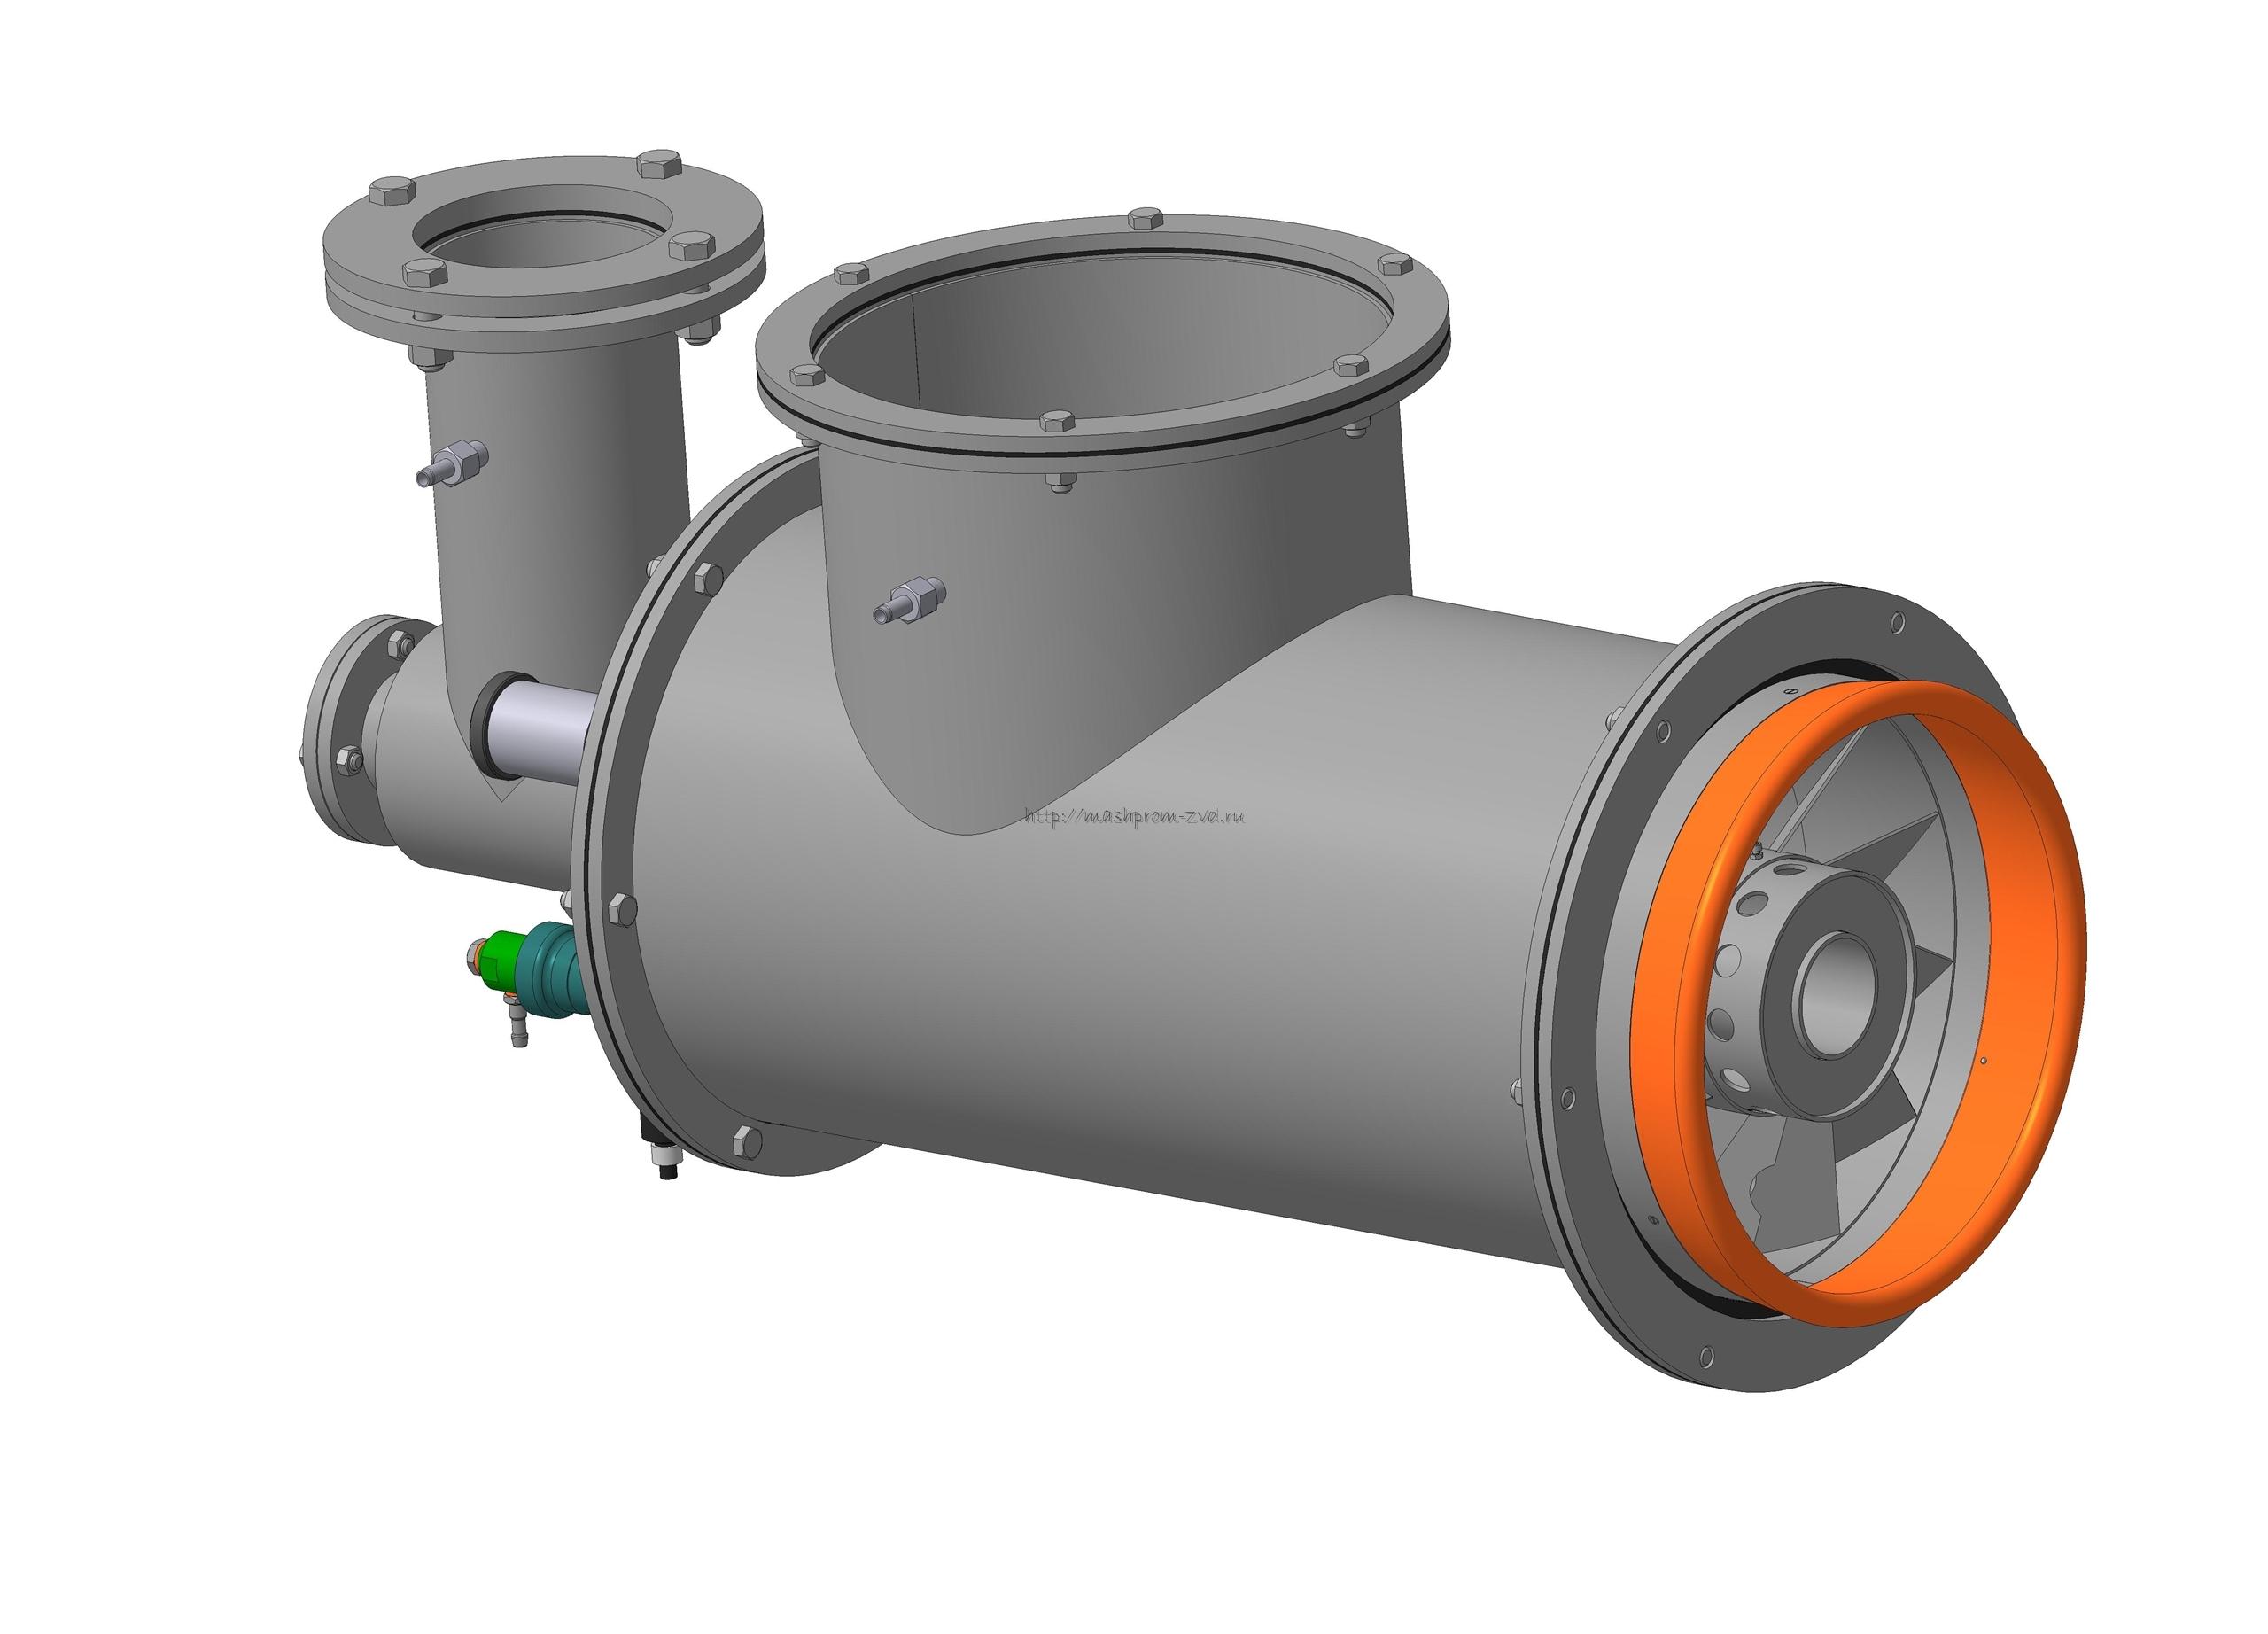 Горелка комбинированная газовая, жидкотопливная вихревая ГГВ-500